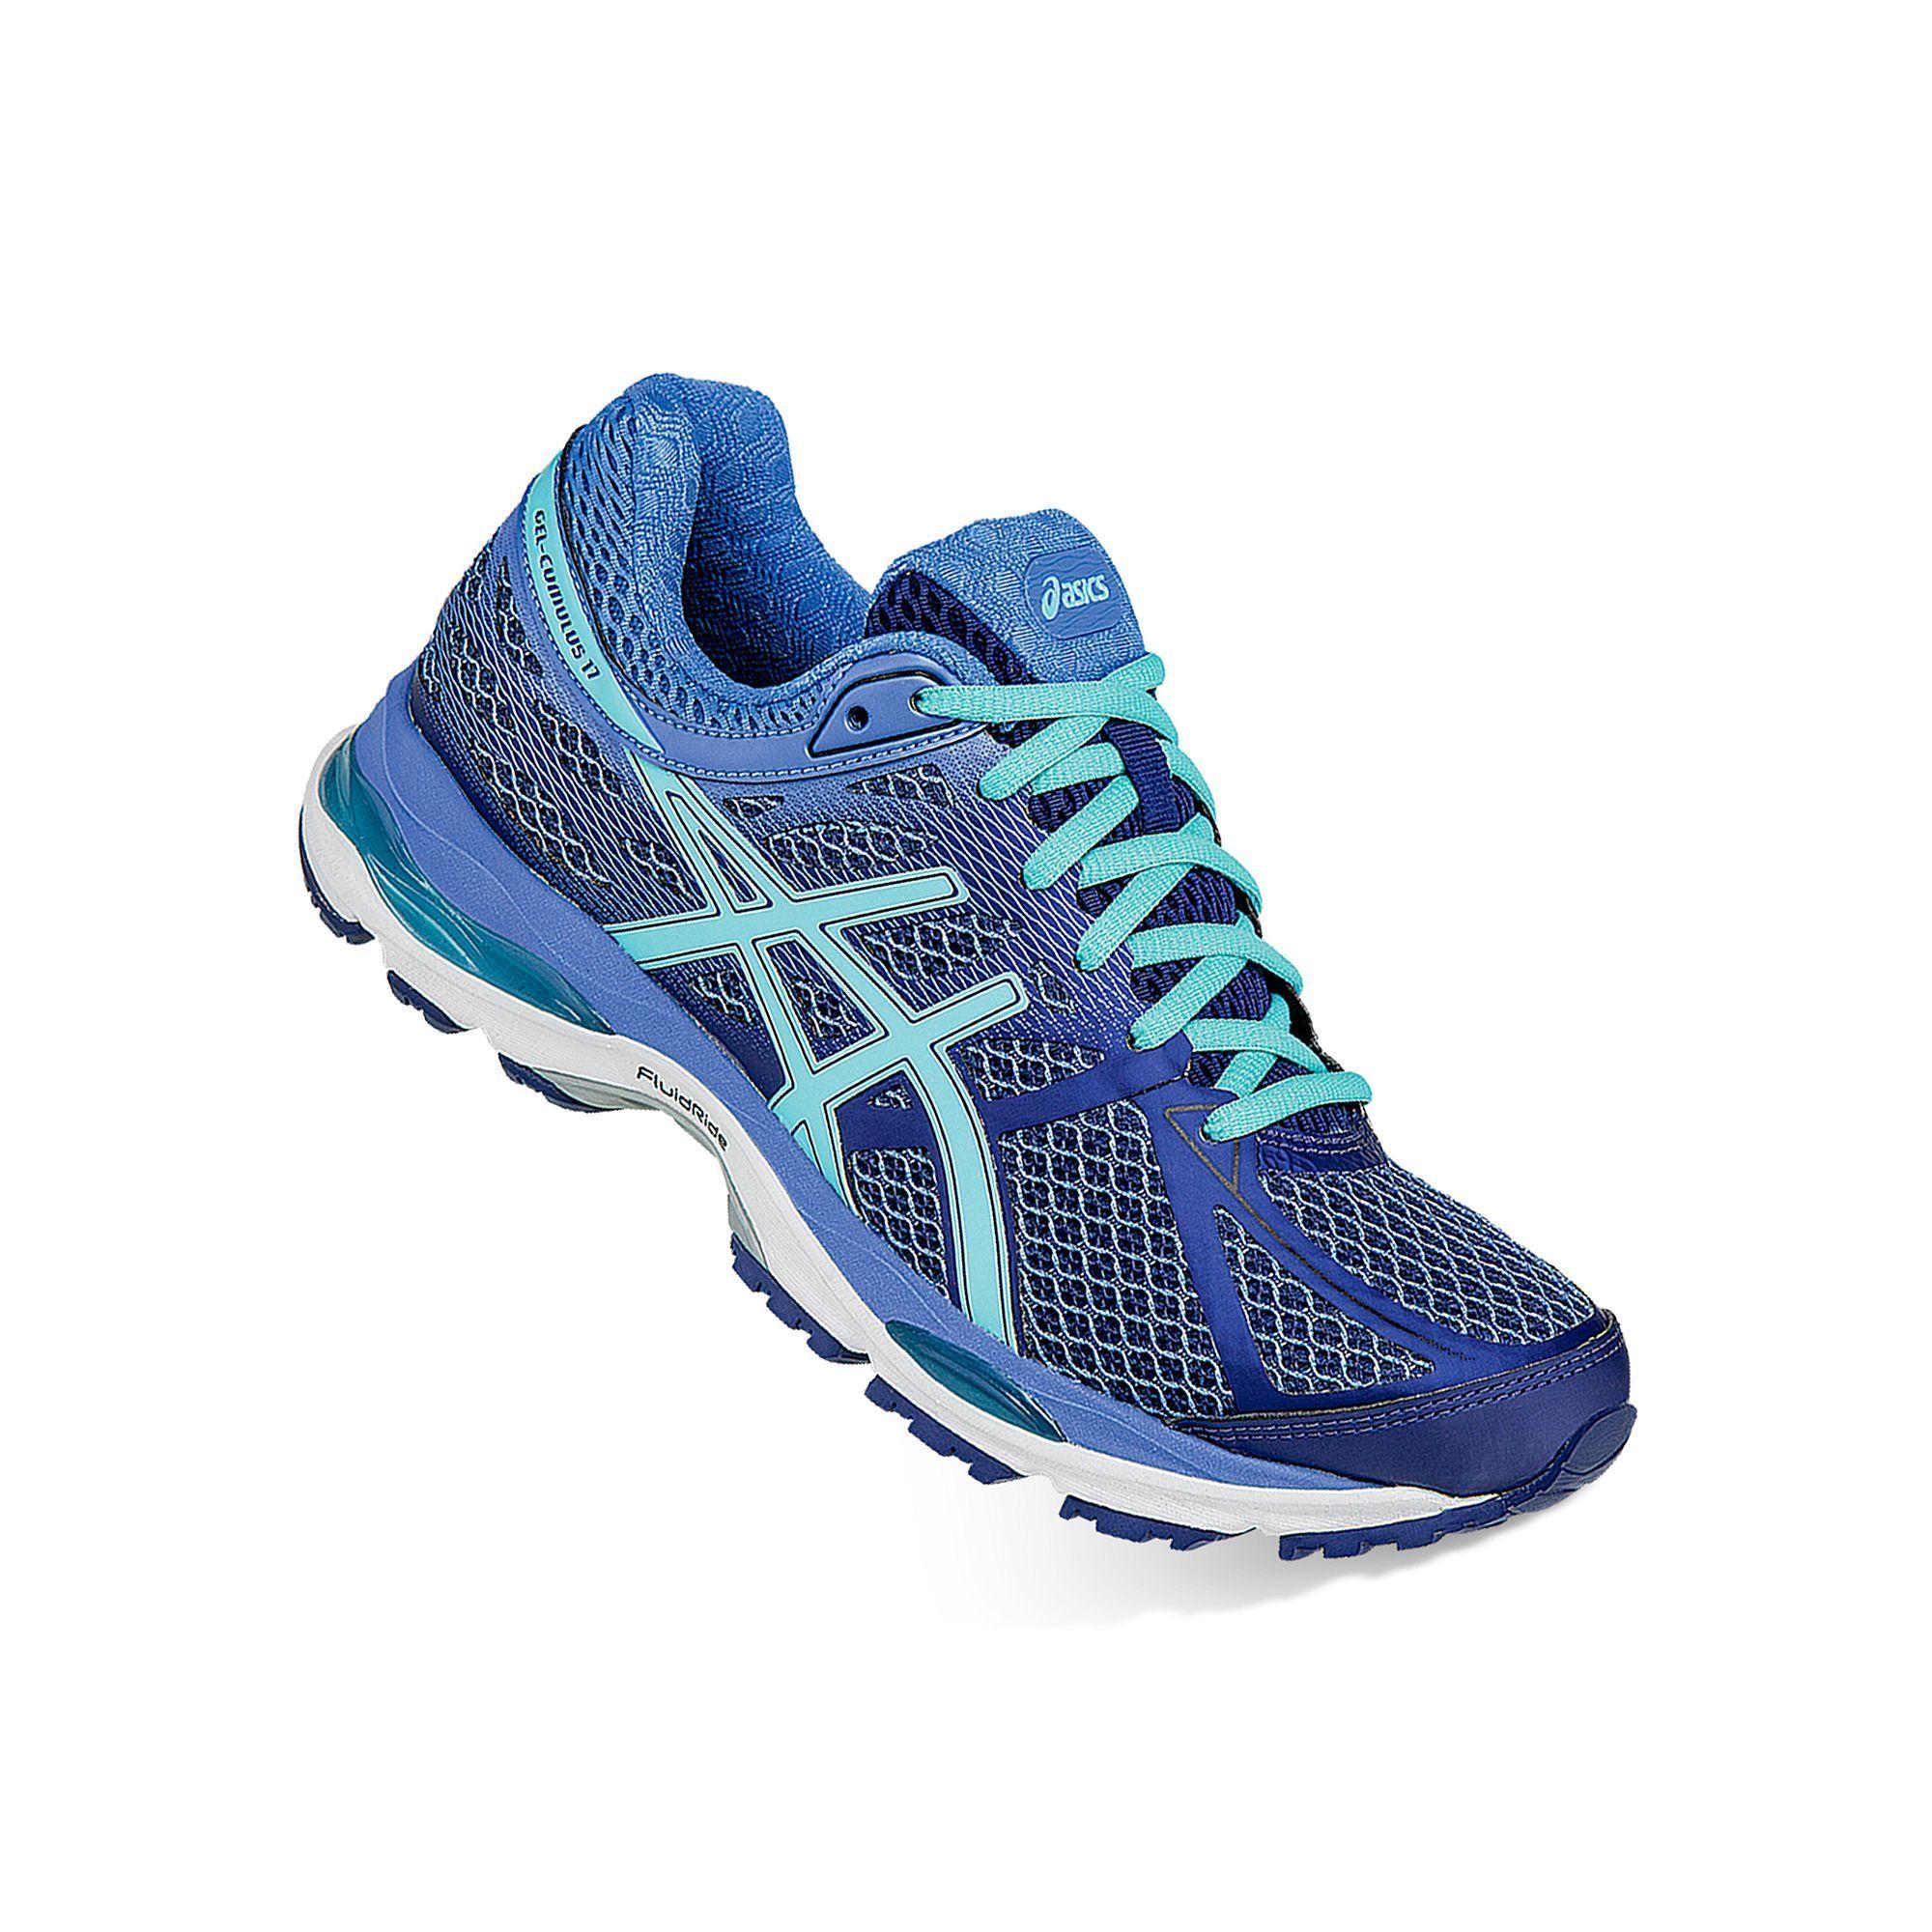 4ca97445c81c ASICS GEL-Cumulus 17 Women s Running Shoes